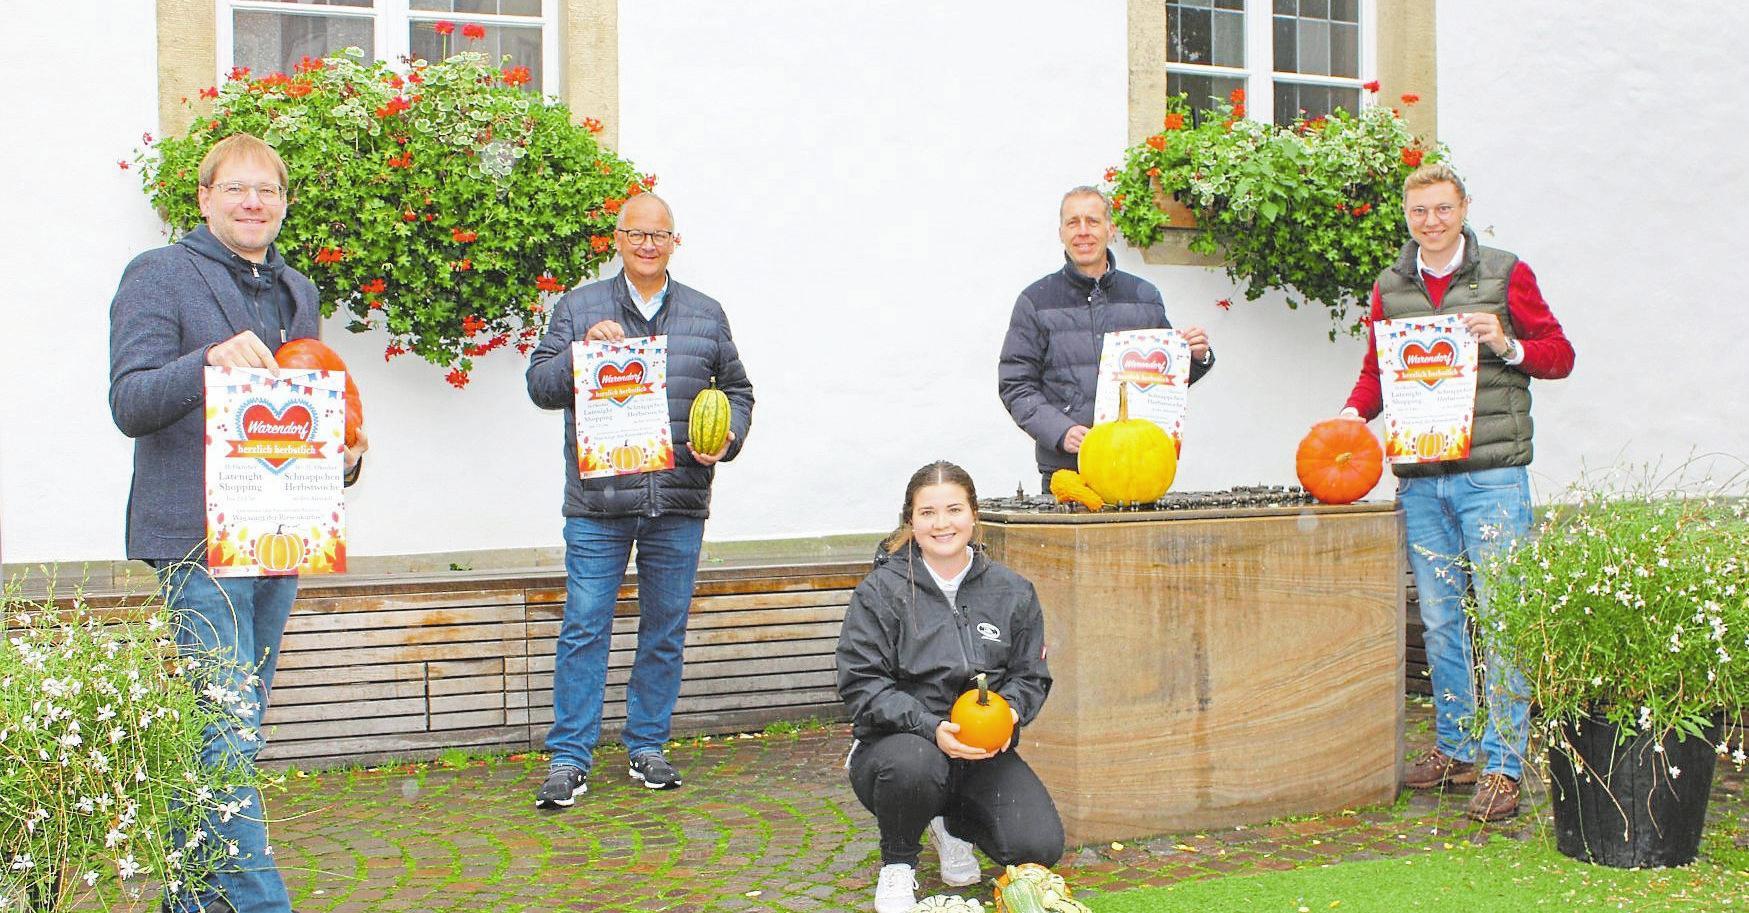 Freuen sich auf viele Besucher: Christoph Berger (v.l.), Heiner Kamp (beide WiWa), Johanna Austermann (Hofladen Austermann), Torsten Krumme (Stadt Warendorf) und Thorsten Büttner (WiWa).